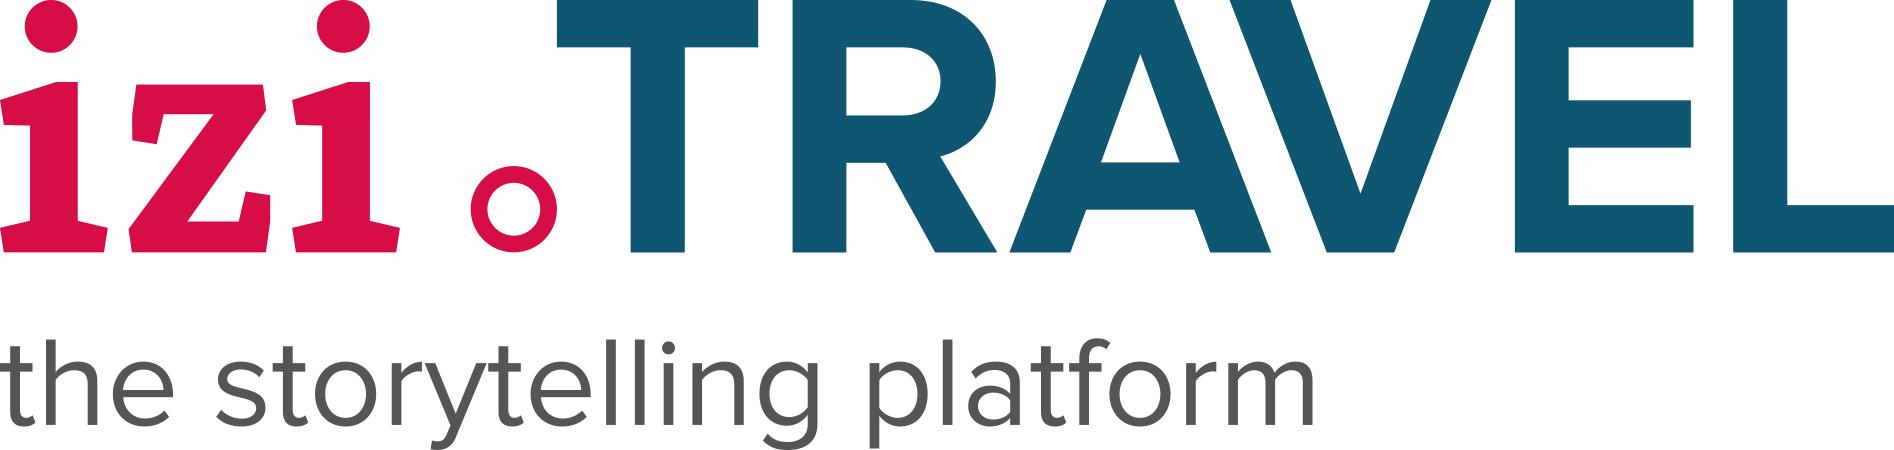 izi.TRAVEL-logo.jpg